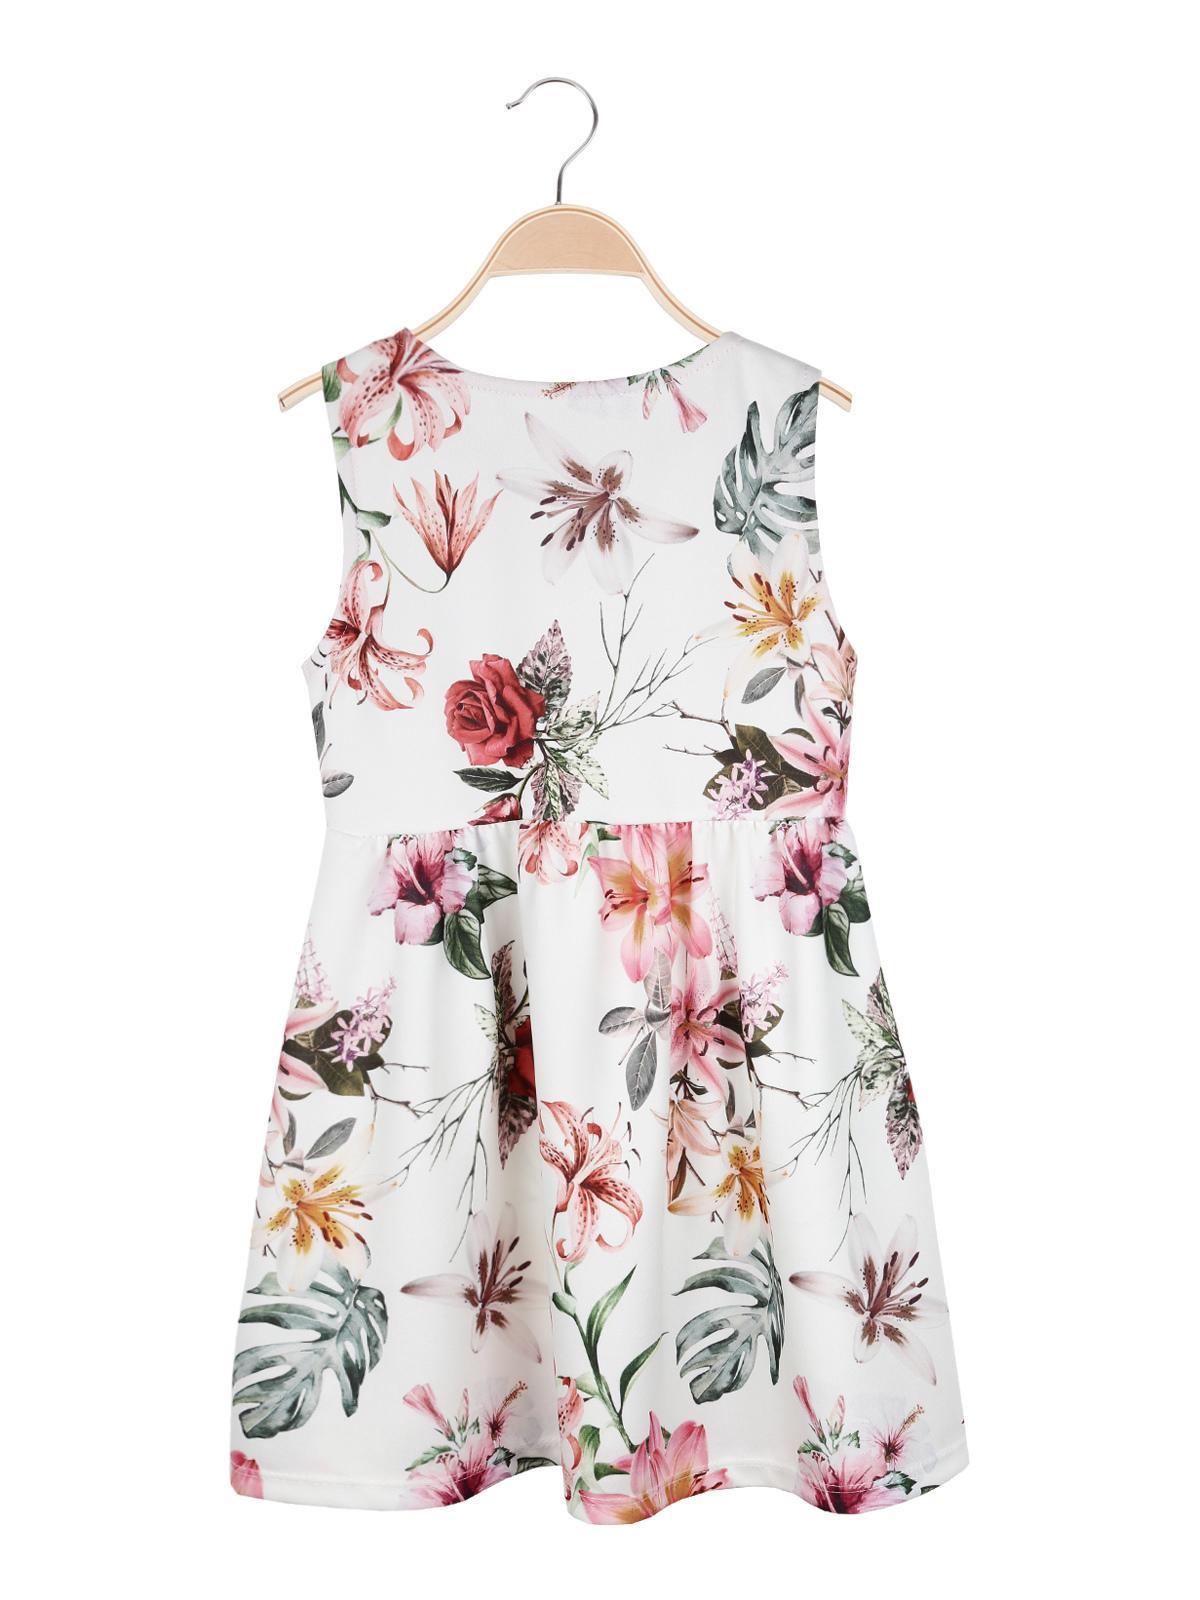 finest selection bcc0f 99cc9 Vestito a fiori bianco con fiocchetto solada | MecShopping